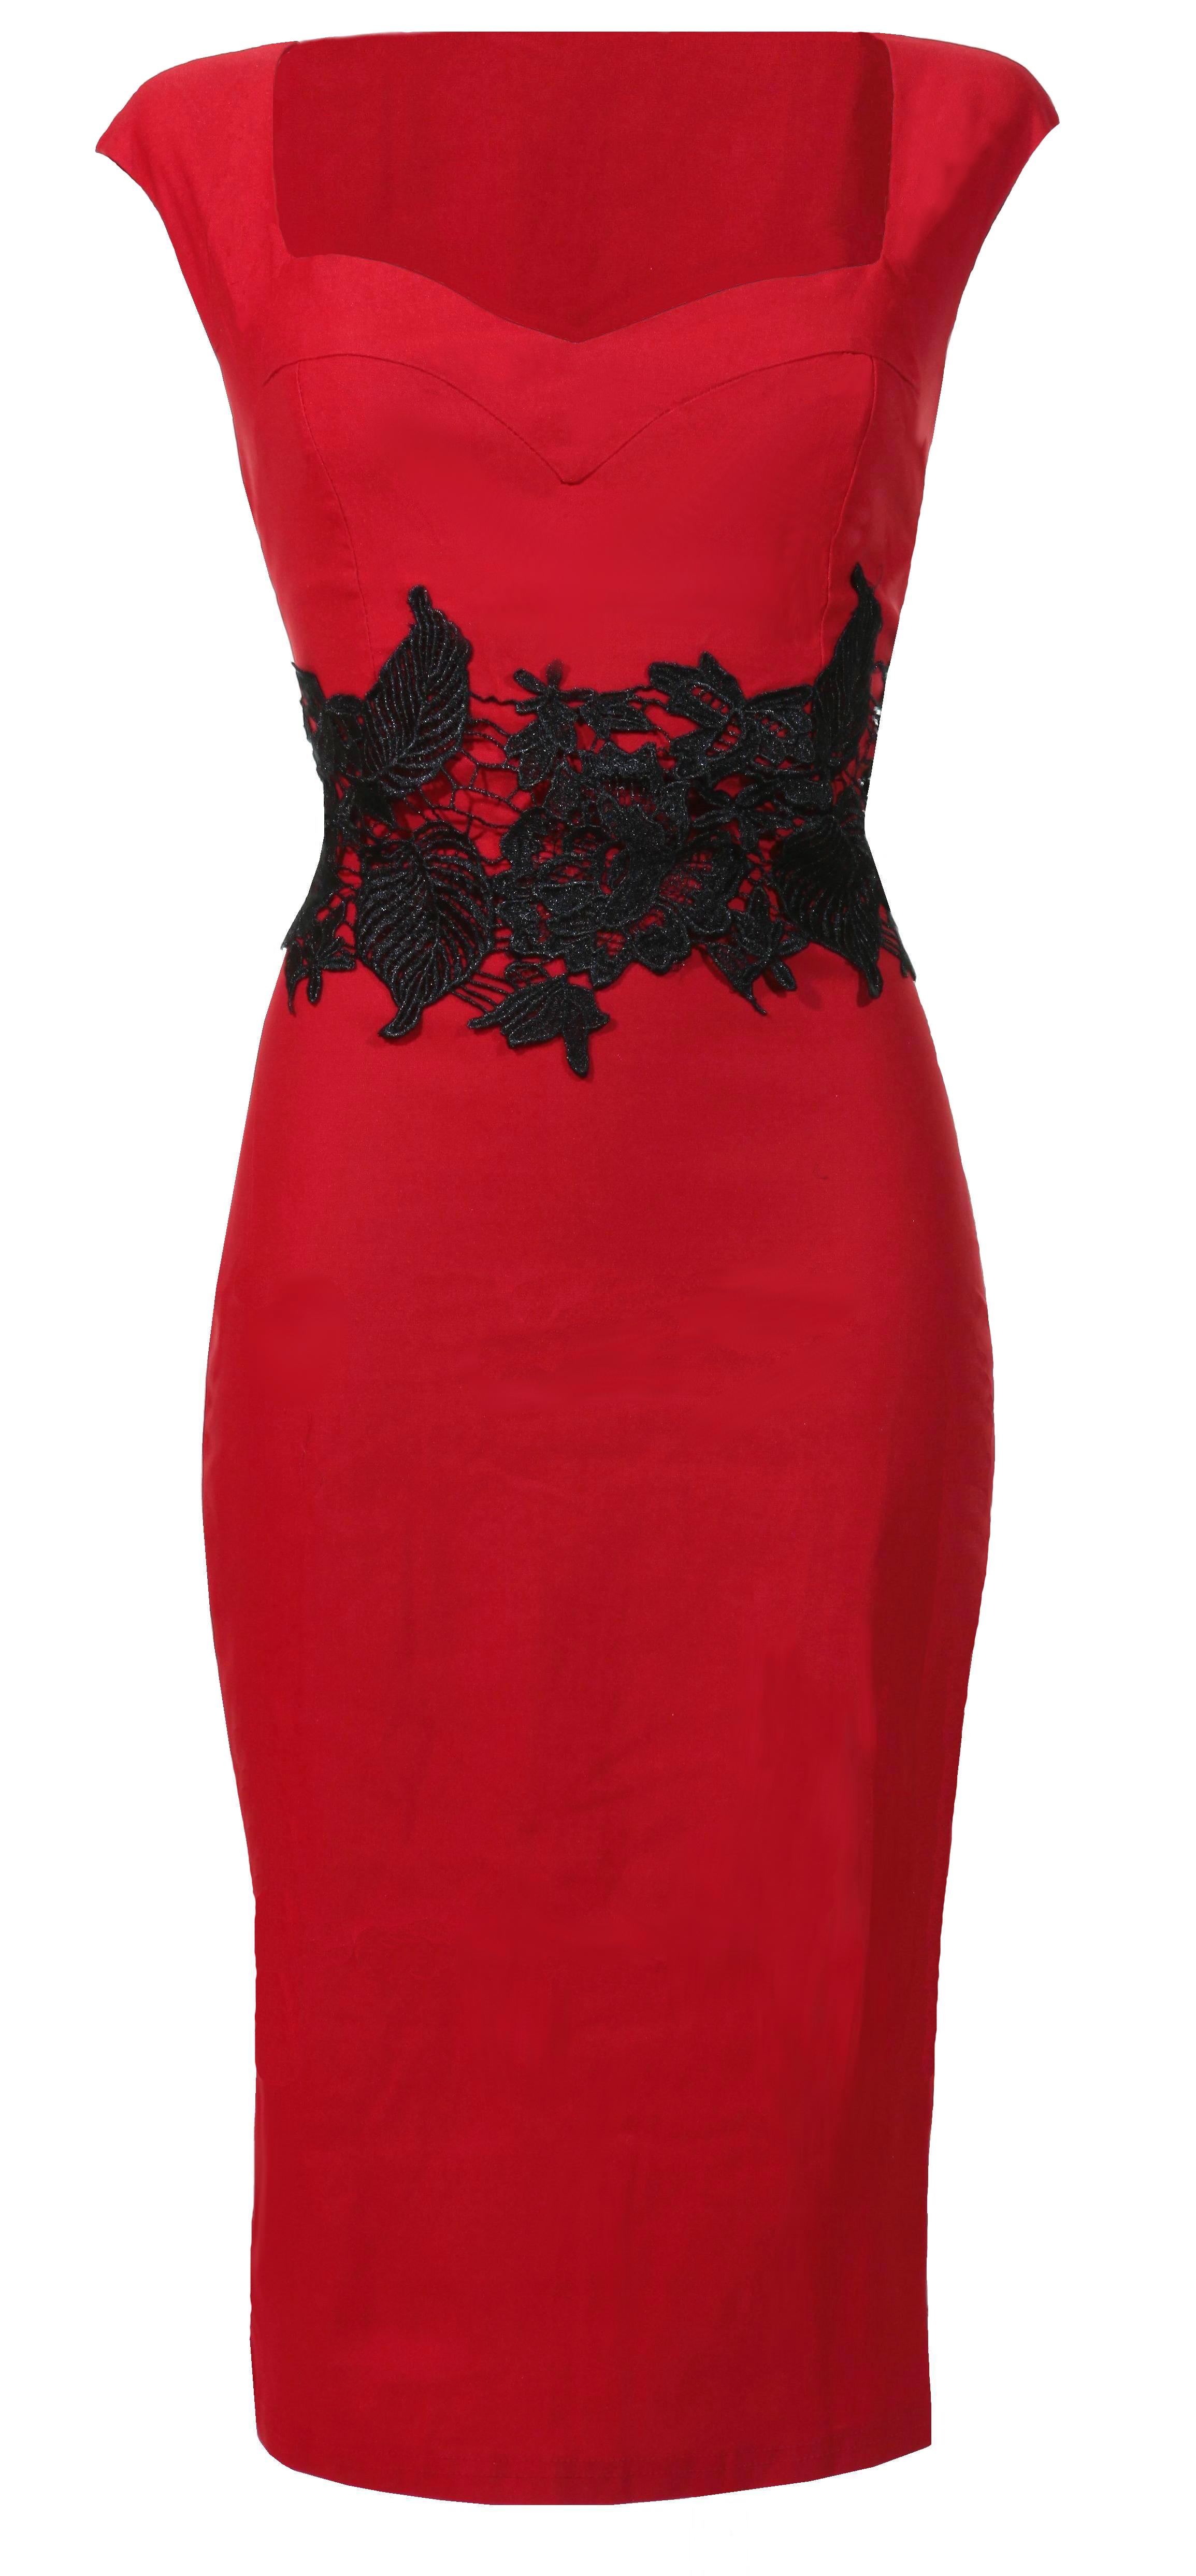 Koronkowe sukienki na sylwestra i wesele. Sukienki wieczorowe. Czerwone sukienki.